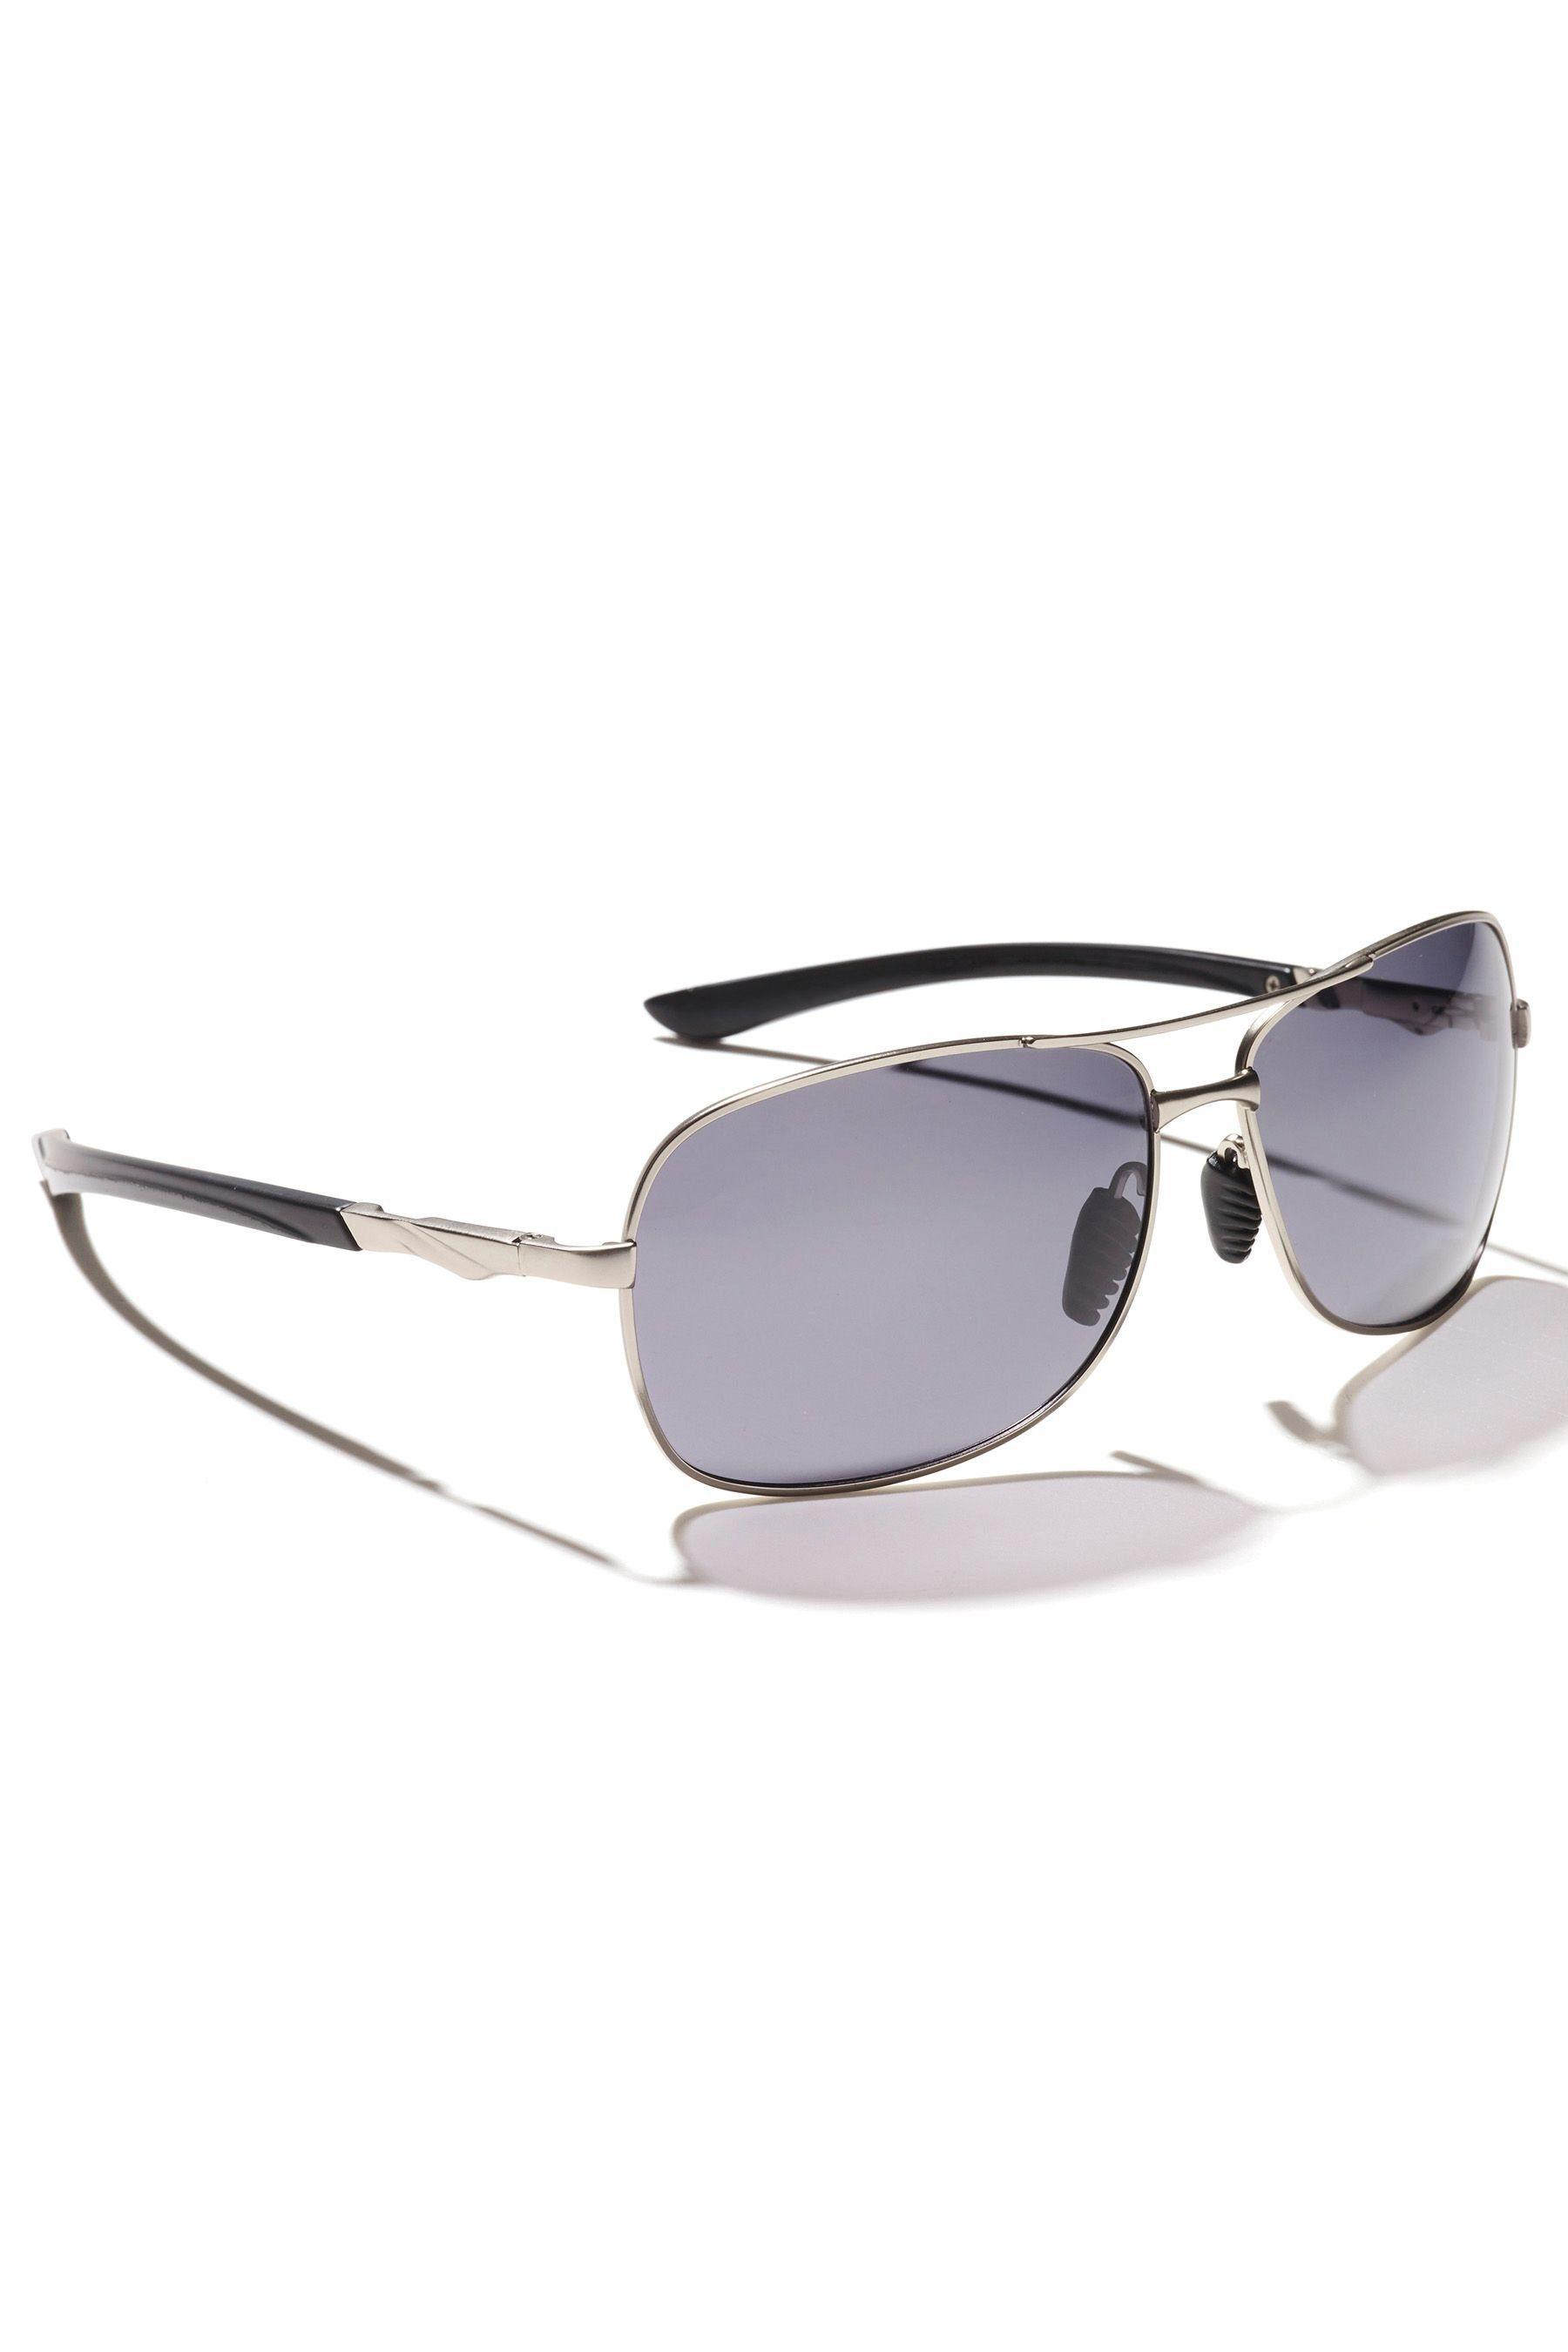 Next Klassische polarisierte Sonnenbrille